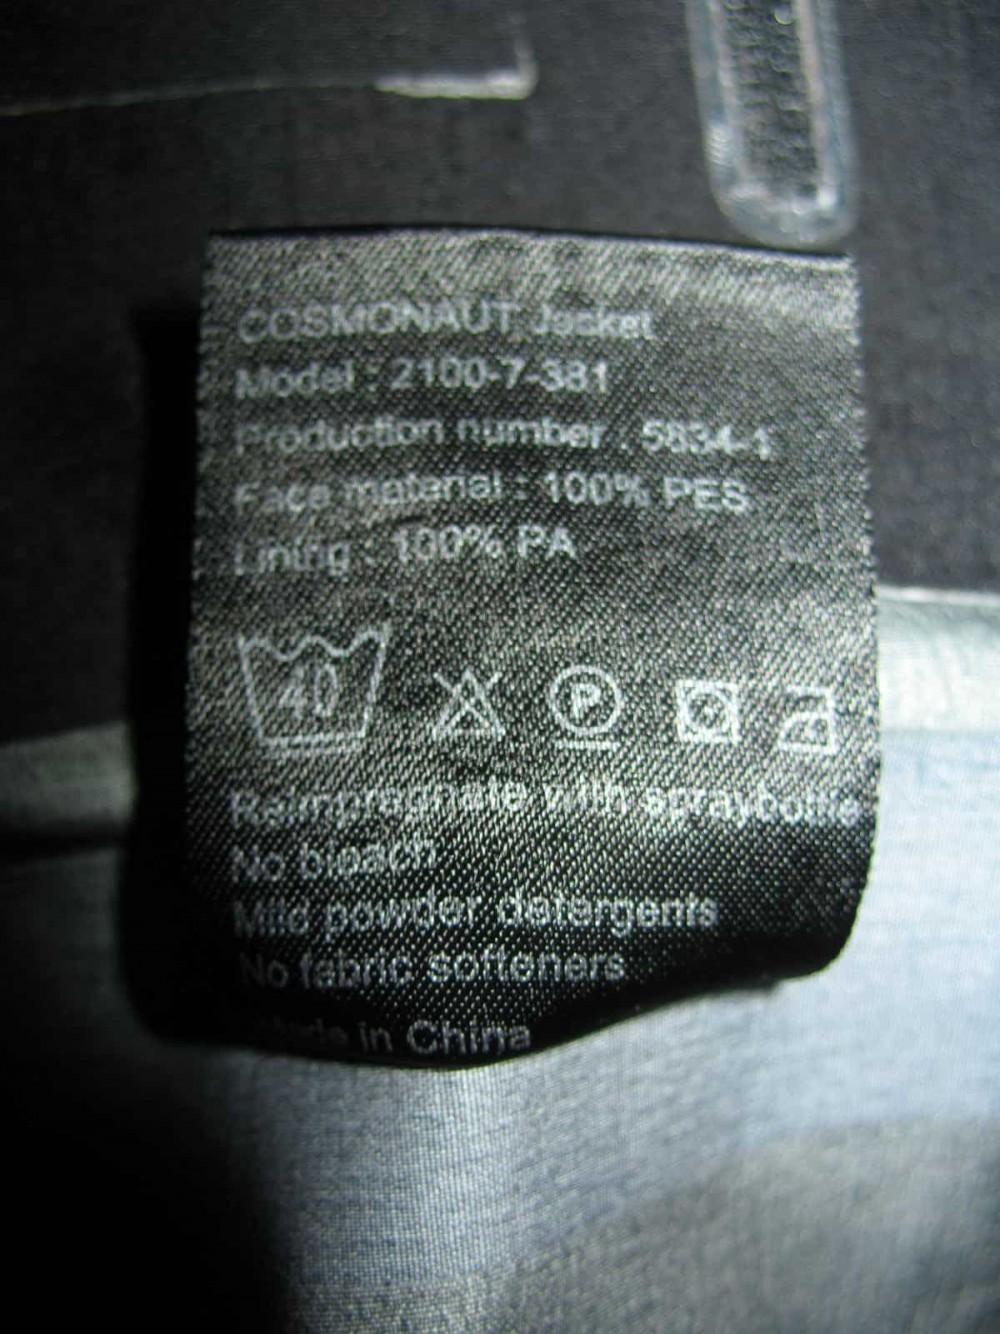 Куртка WHITEOUT by NORRONA cosmonaut hardshell jacket (размер M(реально L/XL) - 12